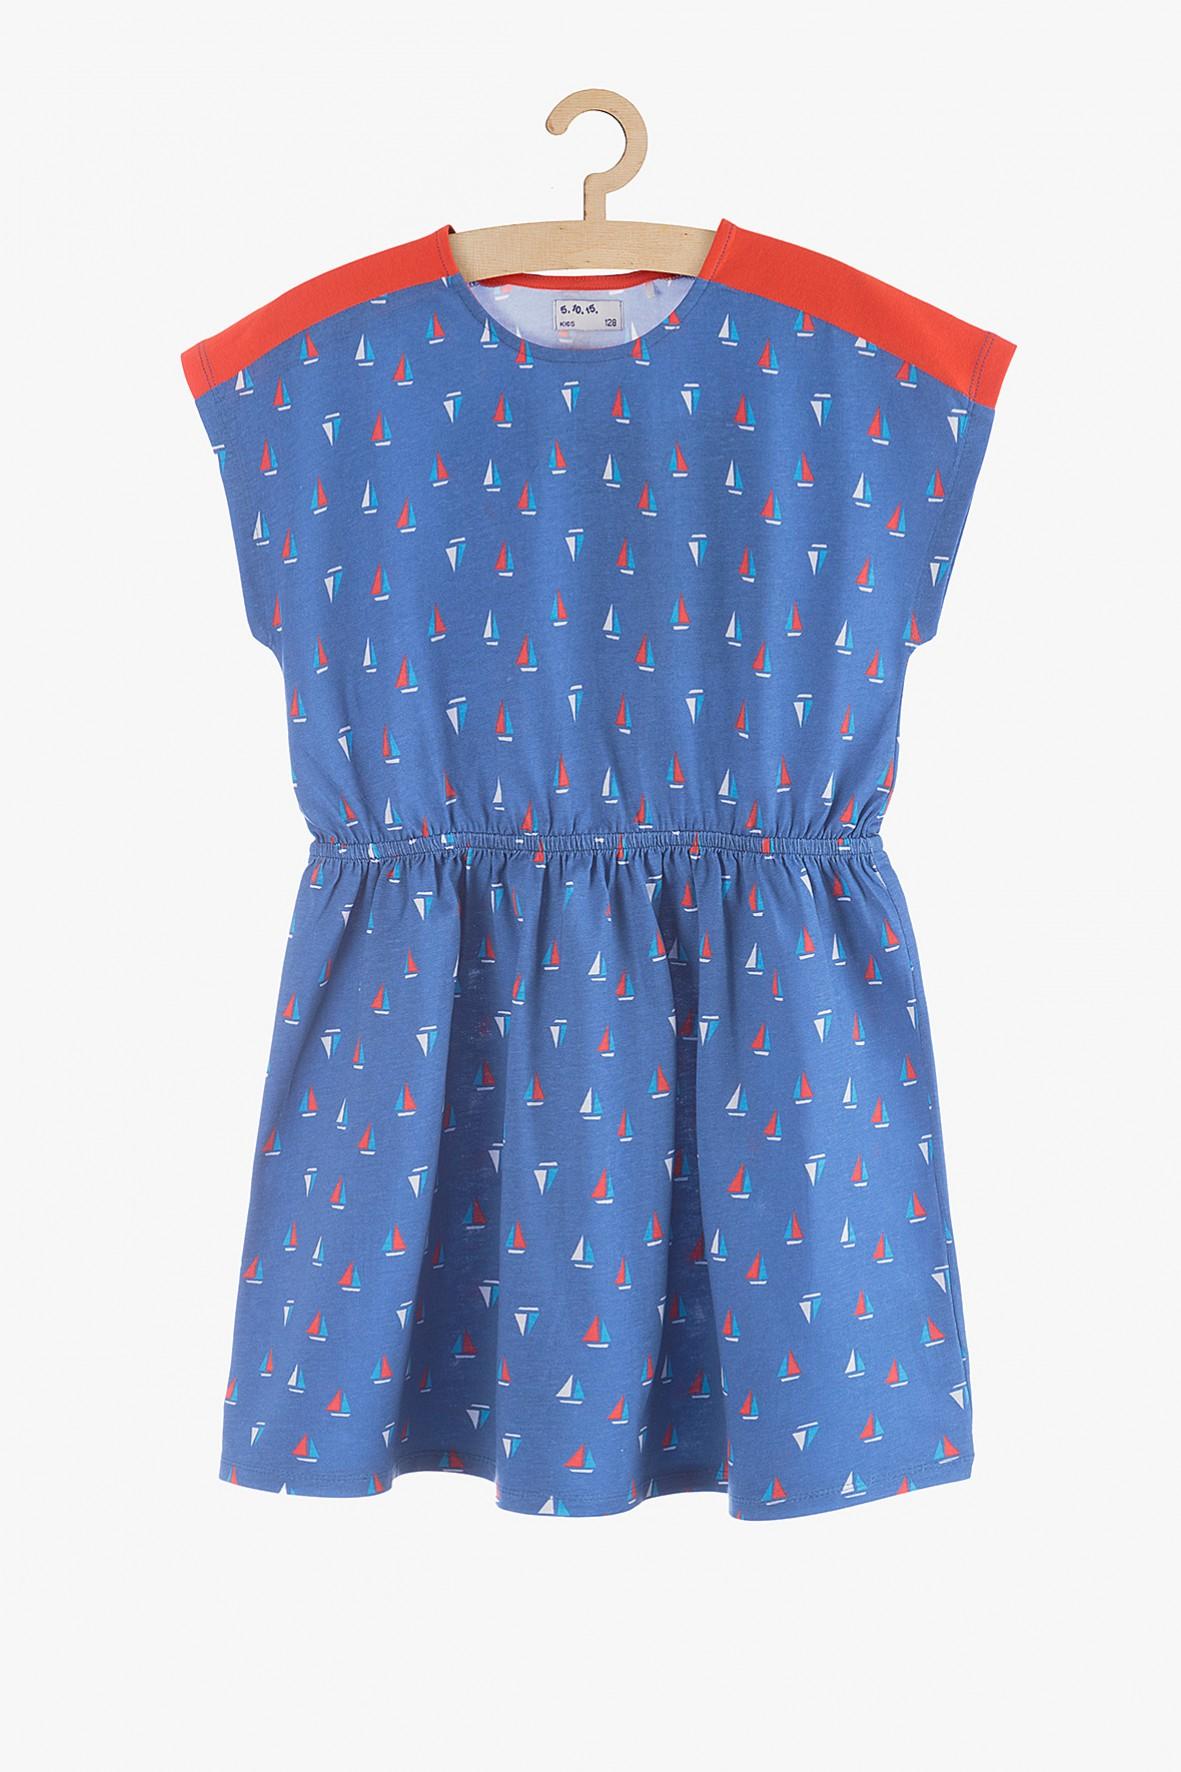 Sukienka dziewczęca niebieska w żaglówki-100% bawełna